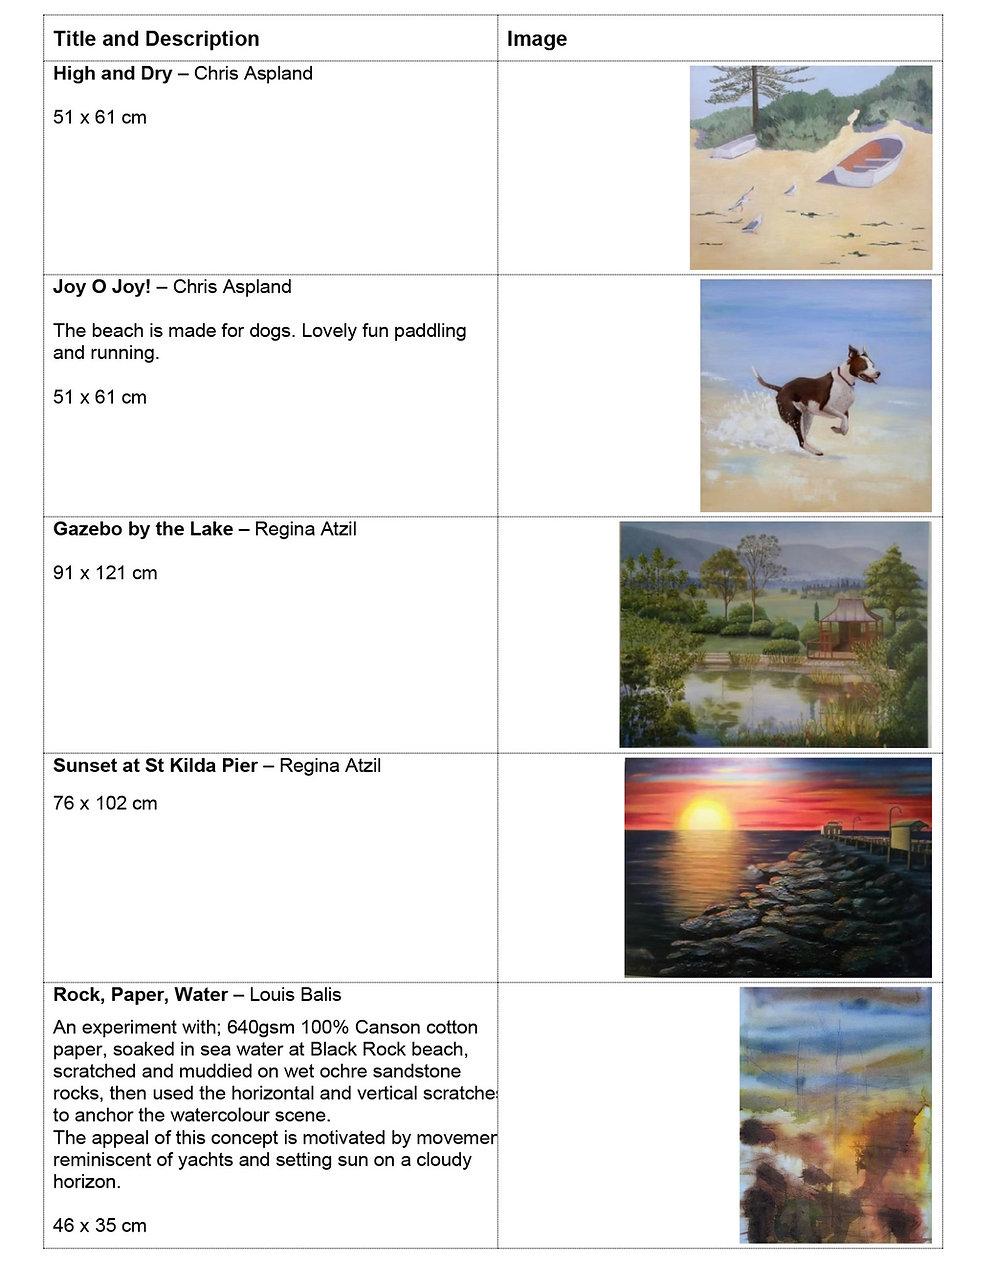 WATER exhibition - IMAGES & DESCRIPTIONS